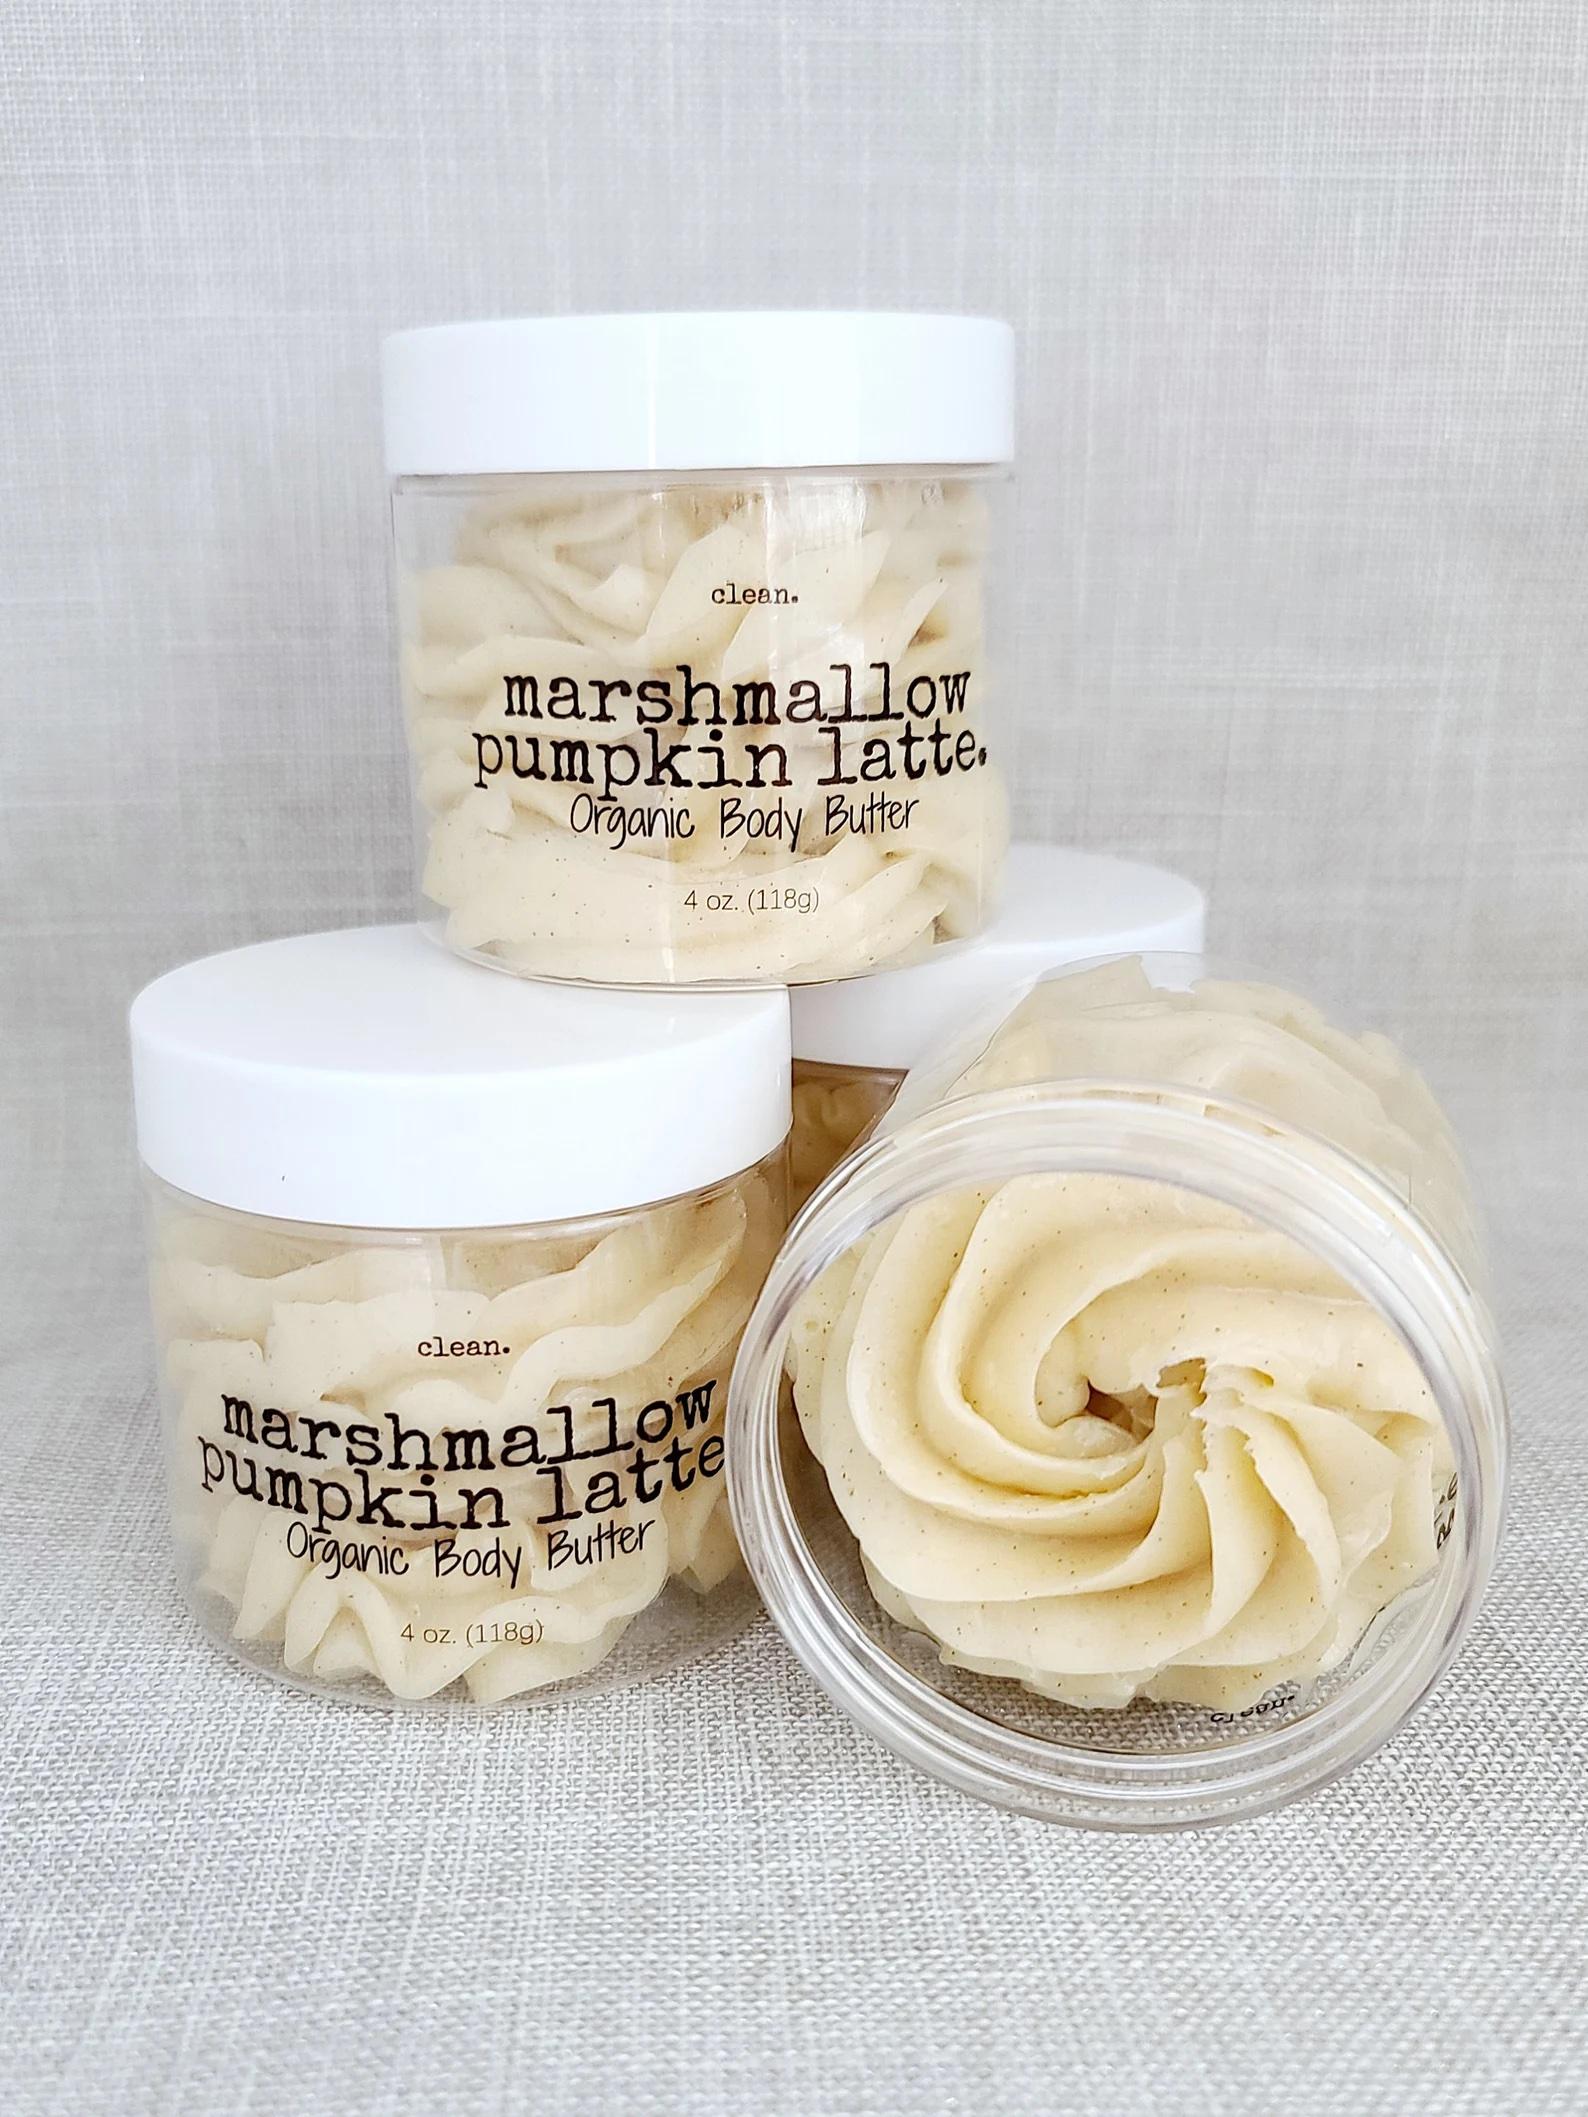 Marshmallow pumpkin spice body butter.